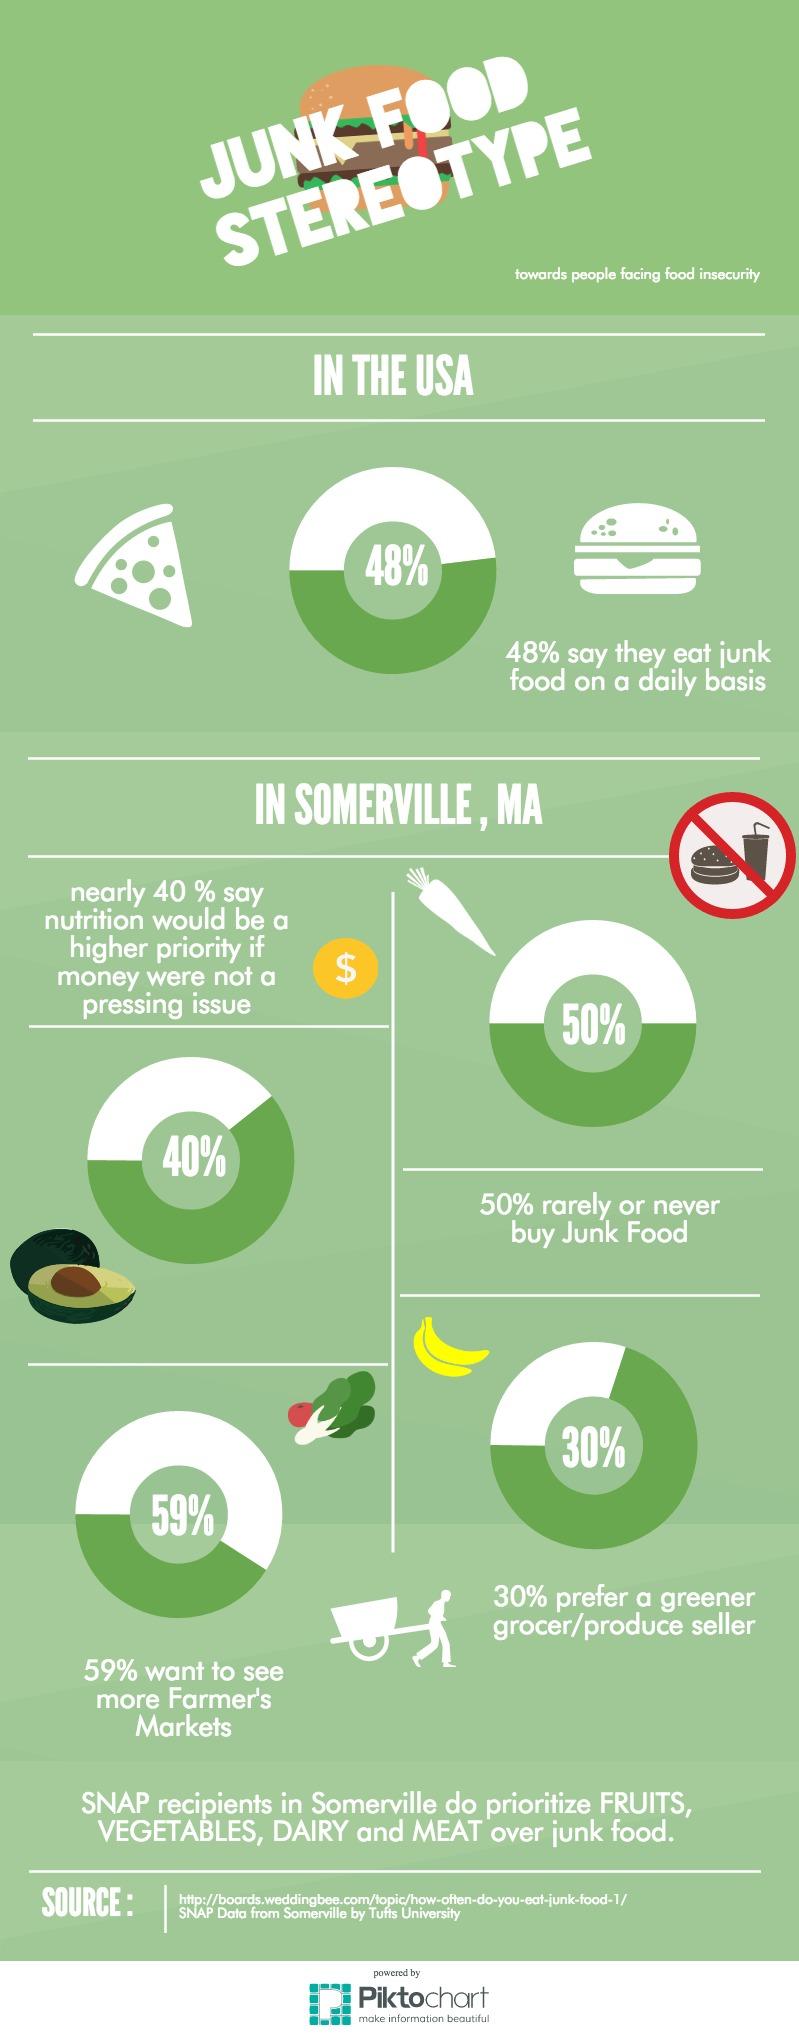 Junk Food Stereotype